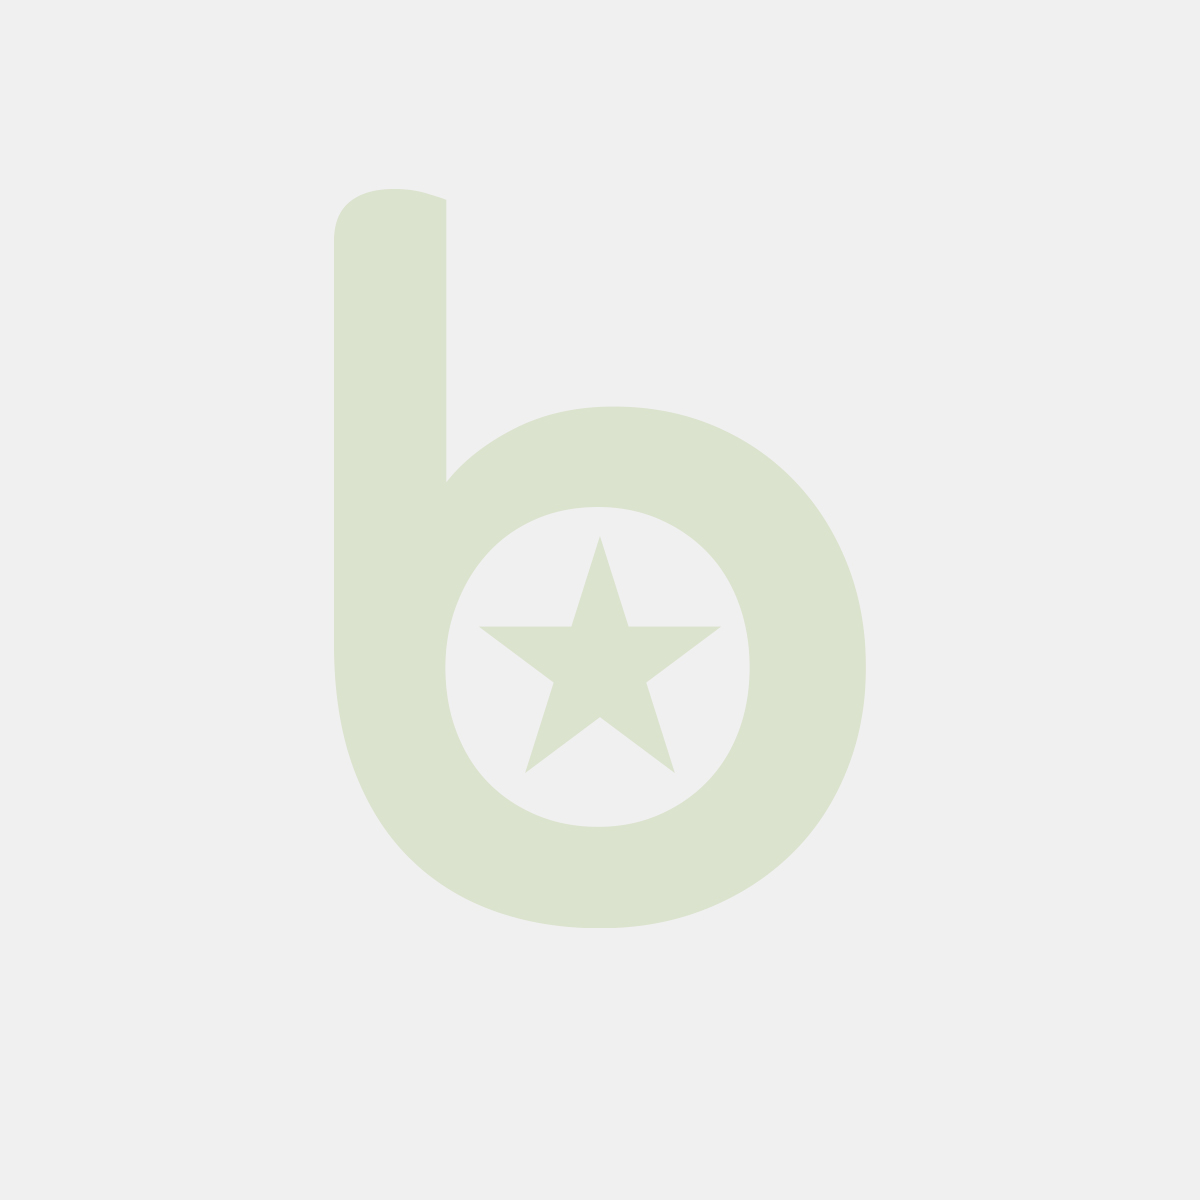 Ręcznik rola MIDI CELULOZA BaVillo Standard+ 500 100% celuloza, cena za opakowanie 6 rolek